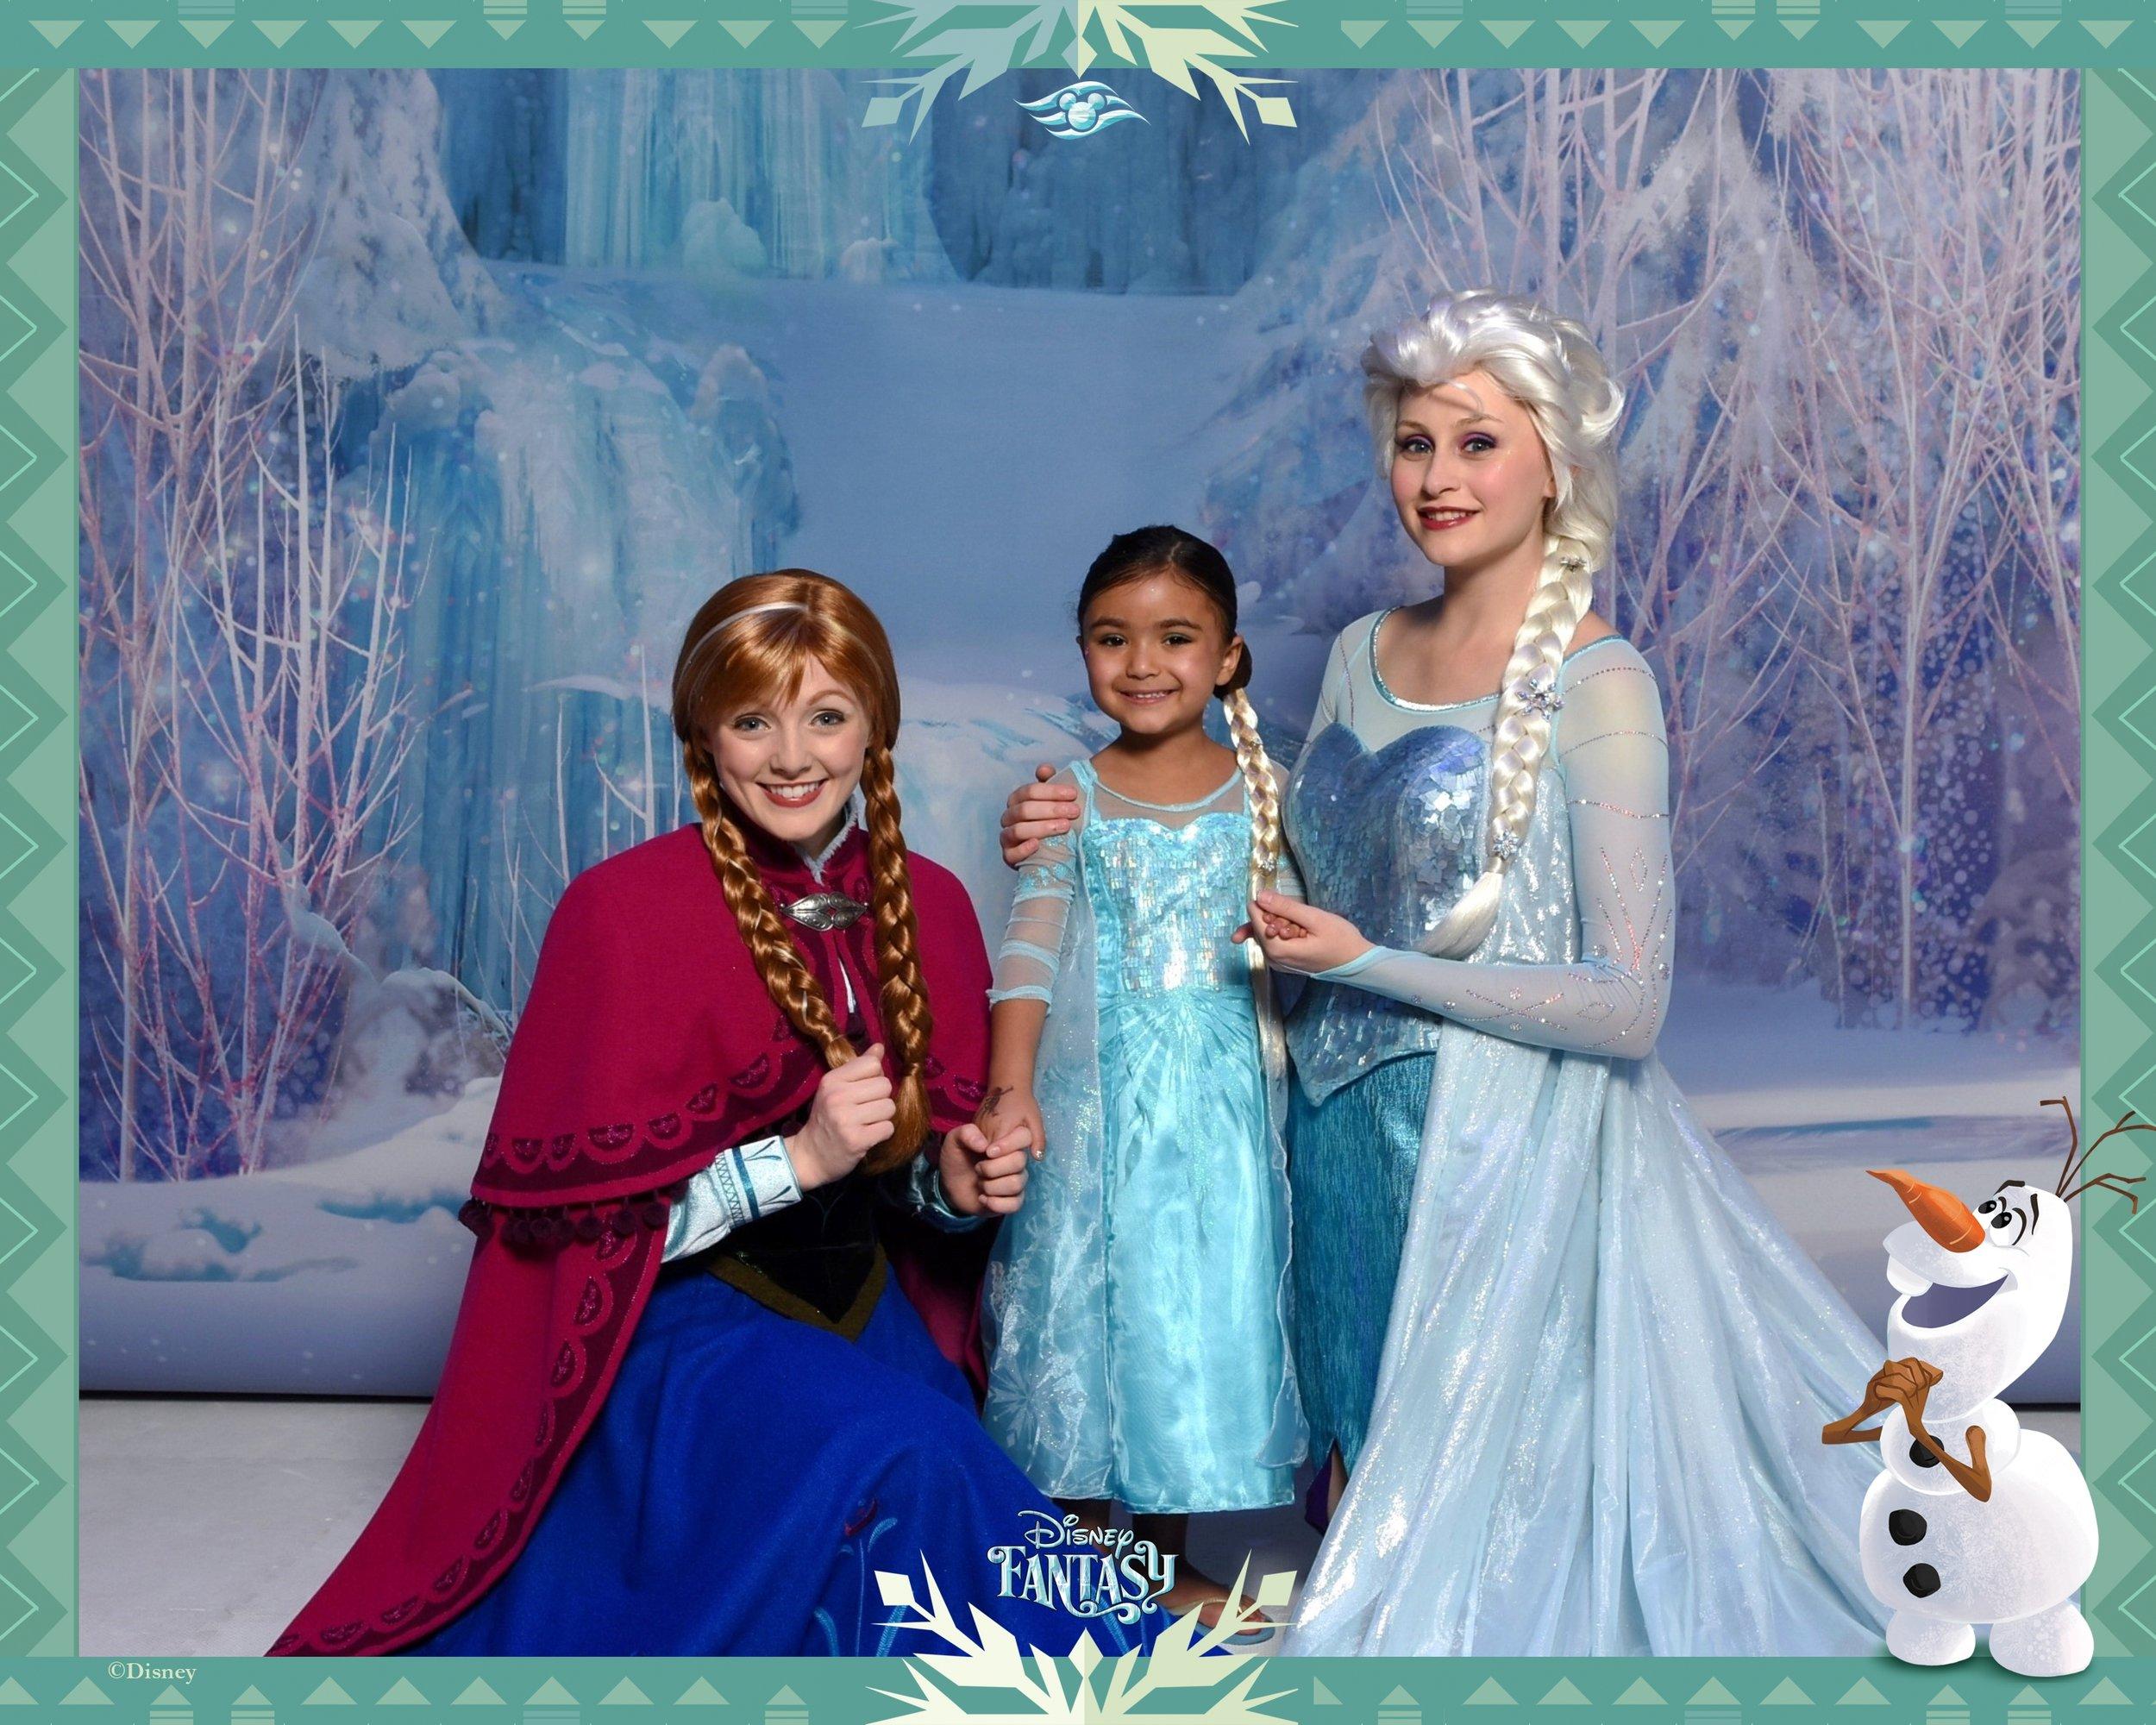 351-87743806-Frozen FZ Anna and Elsa 3 Aft-40564_GPR.jpg